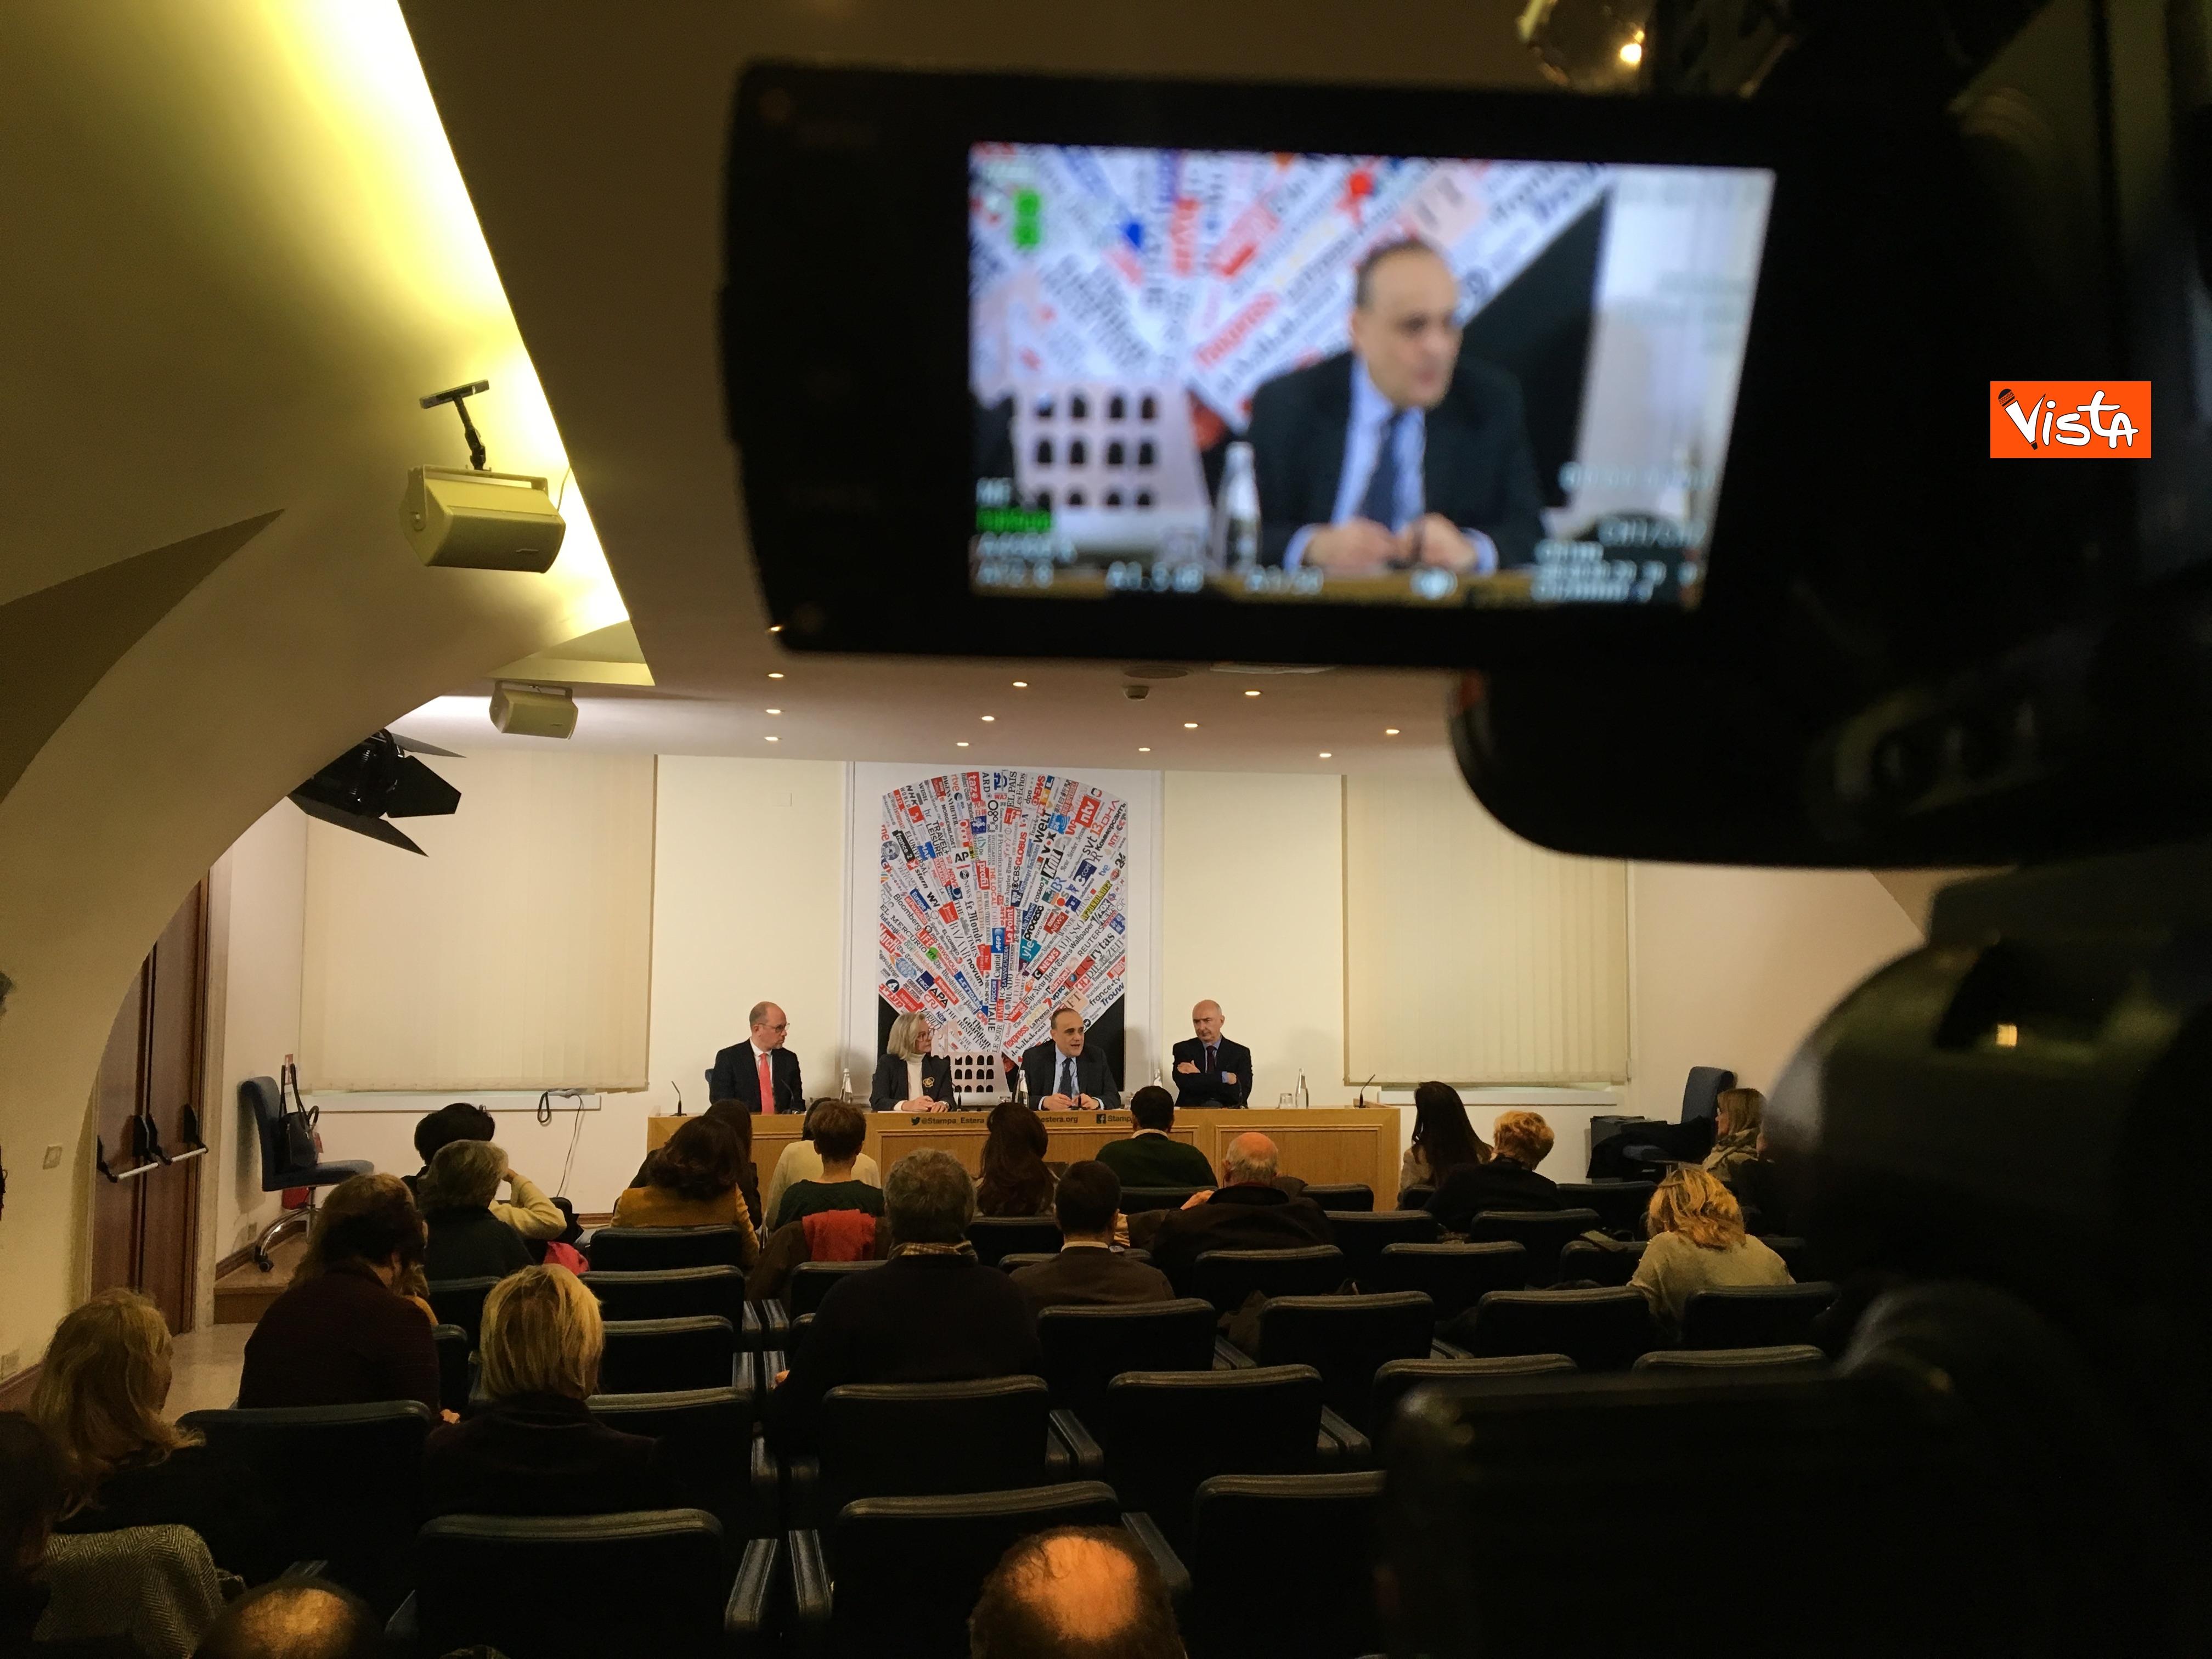 10-01-19 Bonisoli in conferenza stampa alla sede romana della stampa estera immagini_06